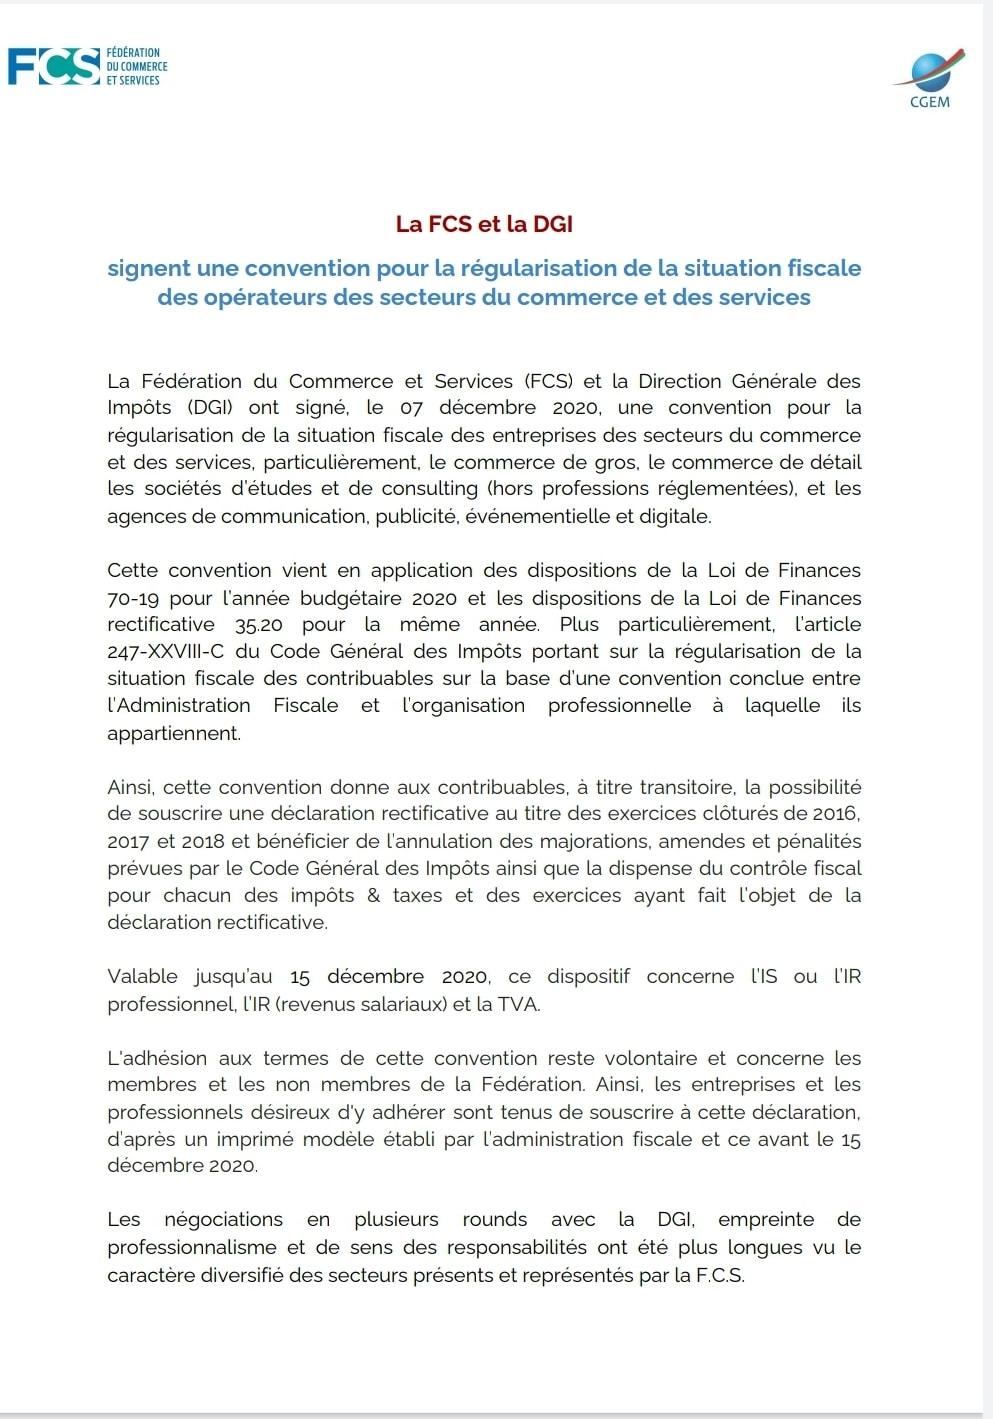 Amnistie Fiscale instaurée par la Loi de Finances 2020 008-dg12